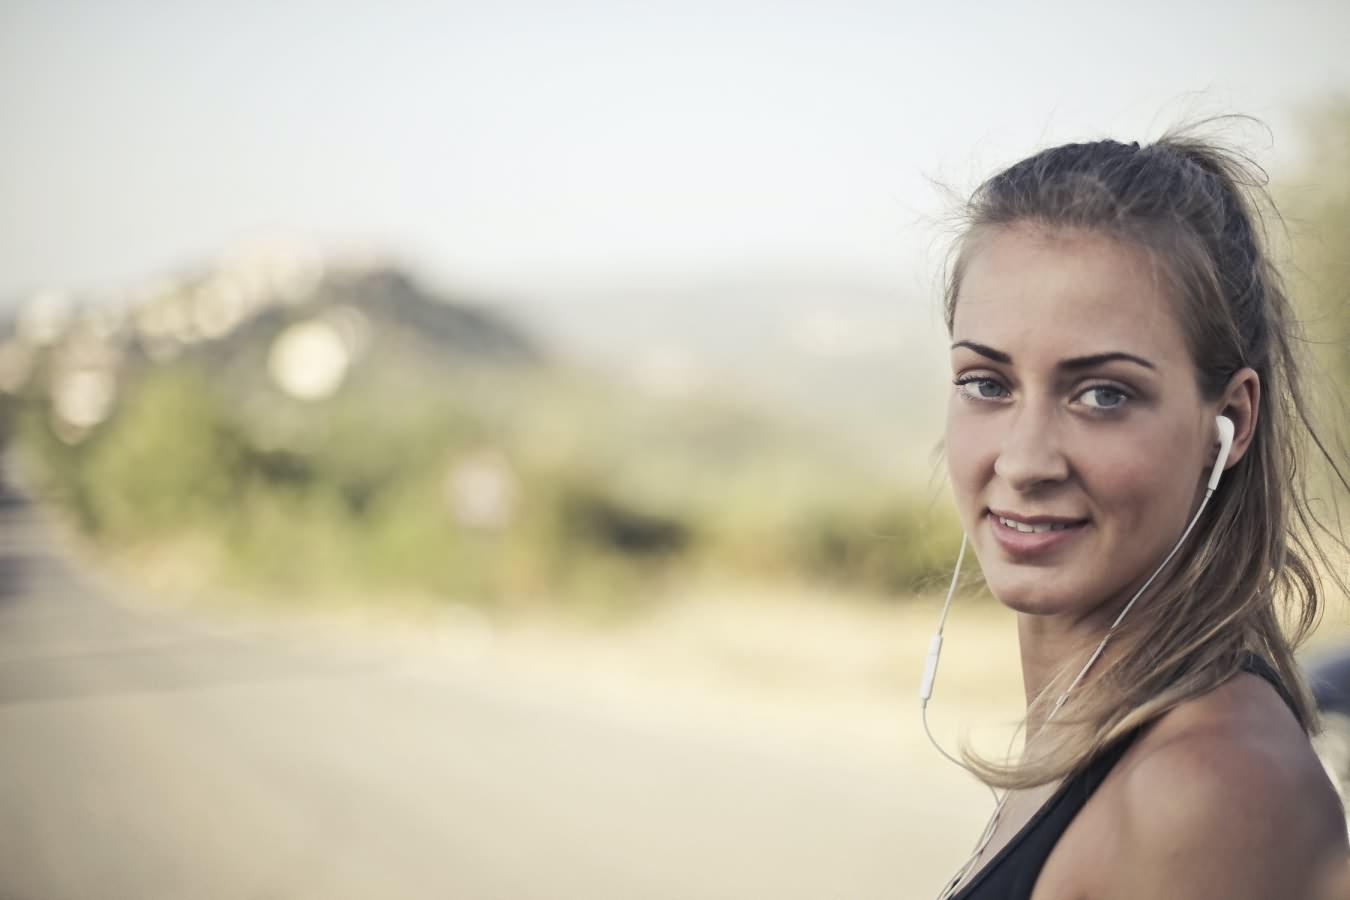 Можно ли похудеть в определенных частях тела?